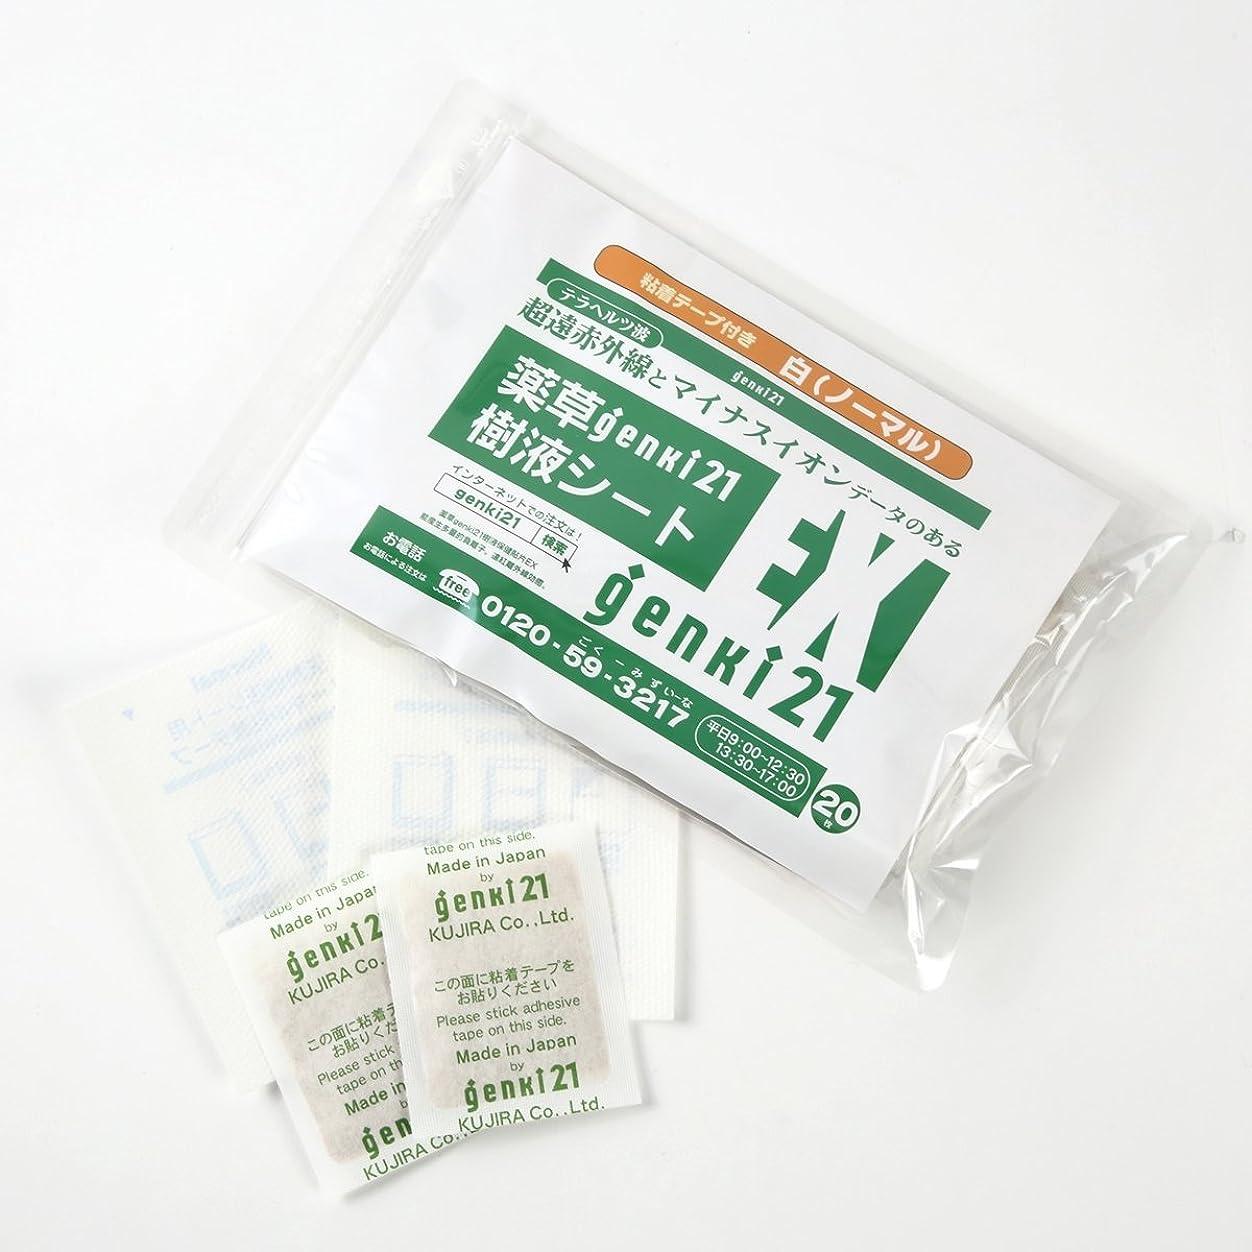 ヒゲ危険にさらされているビートgenki21 『薬草genki樹液シート EX』20枚入 【ノーマル粘着テープ付】